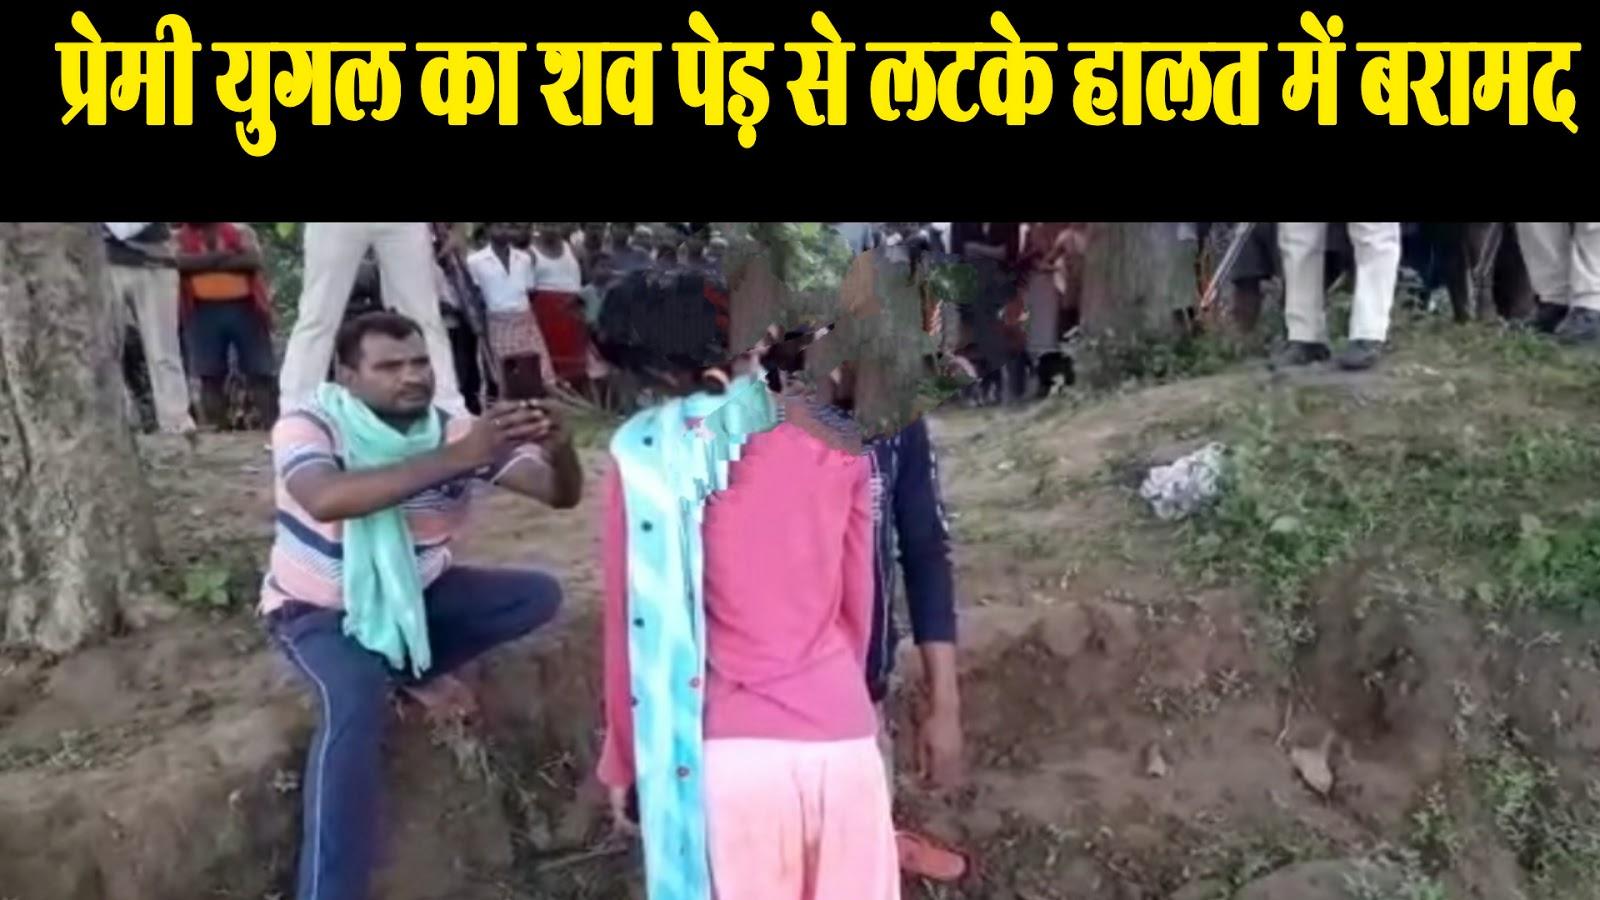 भोजपुर में प्रेमी युगल का शव पेड़ से लटके हालत में बरामद, खुदकुशी और ऑनर कीलिंग के बिंदुओं पर जांच